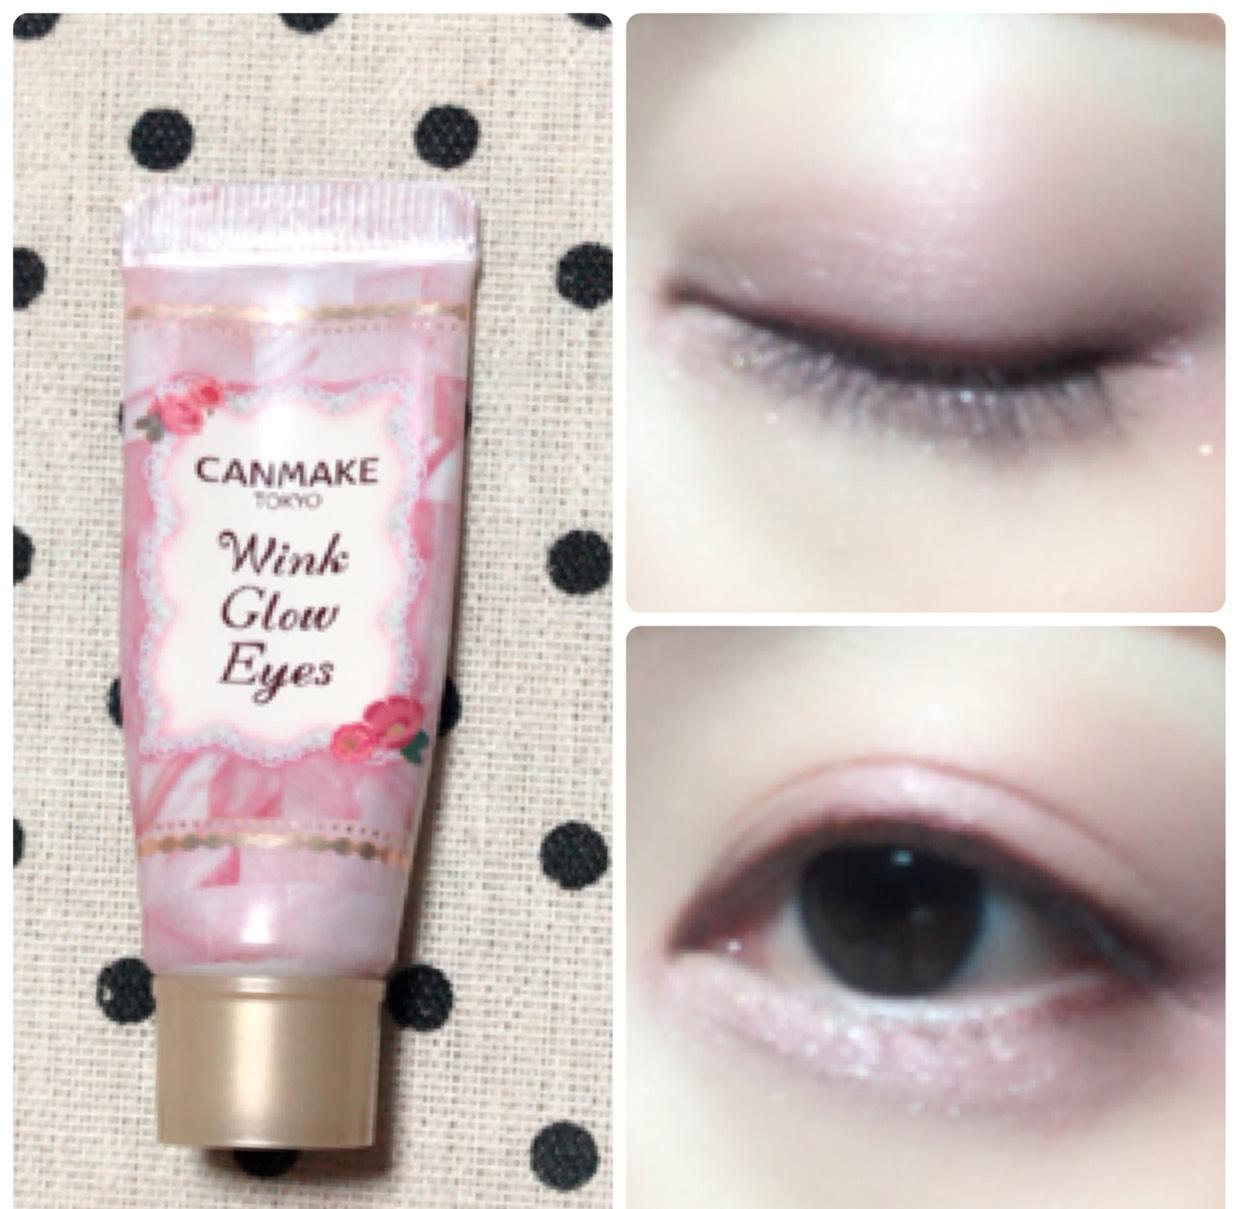 キャンメイクのウインクグロウアイズのピンクを上まぶたと目の下に塗り、セザンヌのジェルライナーでラインを引きます。